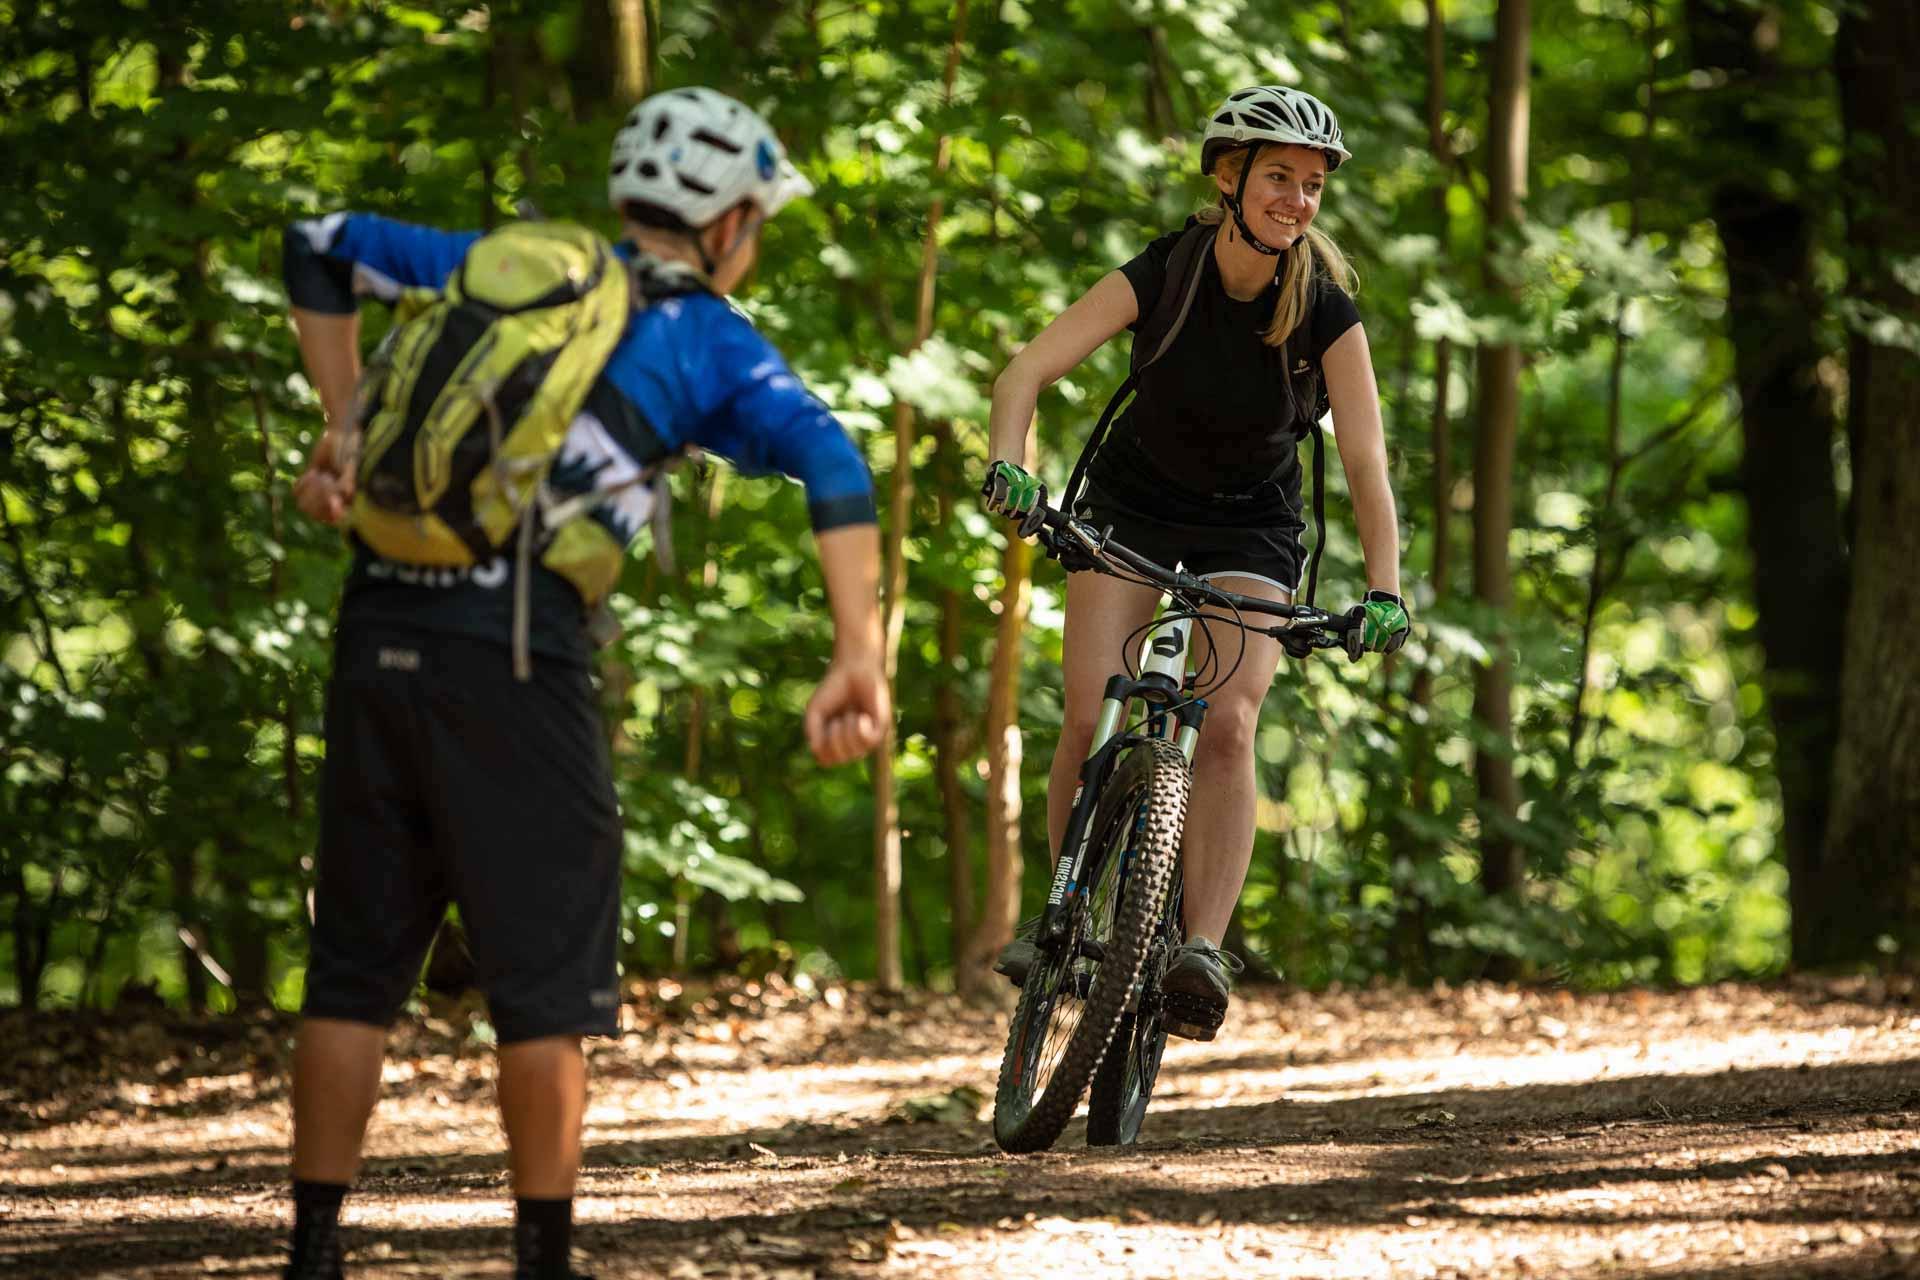 MTB Fahrtechnik Kurs für Einsteiger in Bad Orb   Spessart - Mountainbike Basic - Rock my Trail Bikeschule - 15